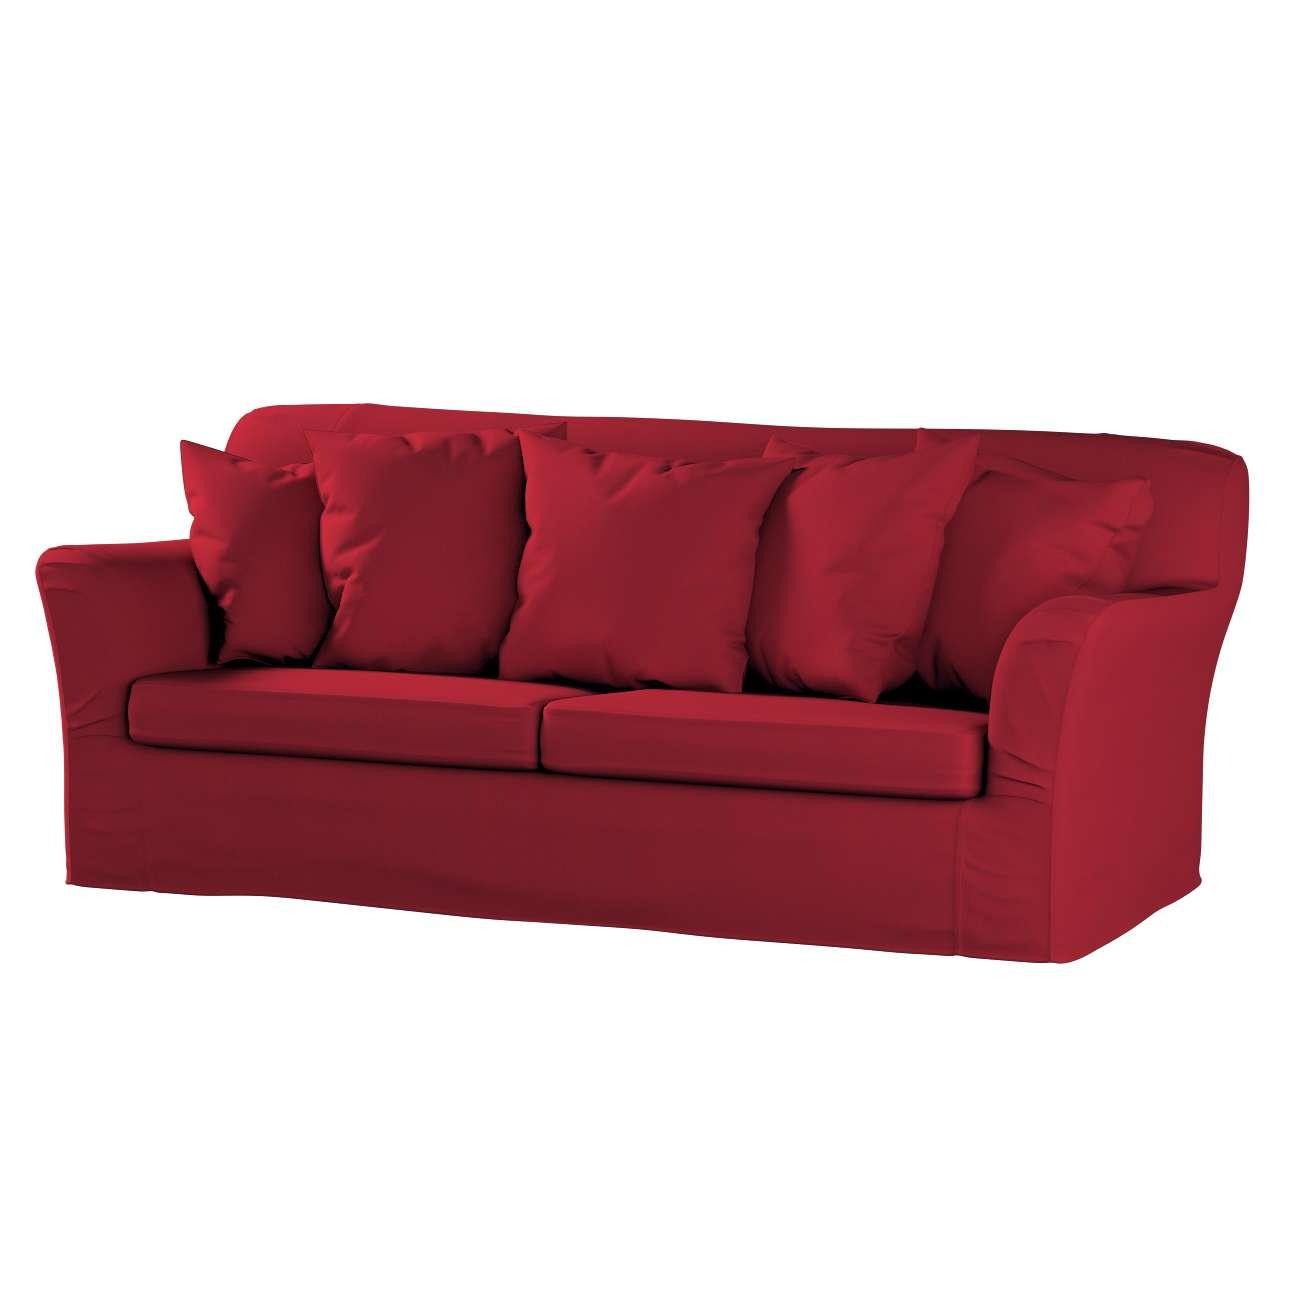 TOMELILLA trivietės sofos lovos užvalkalas TOMELILLA trivietė sofa lova kolekcijoje Chenille, audinys: 702-24